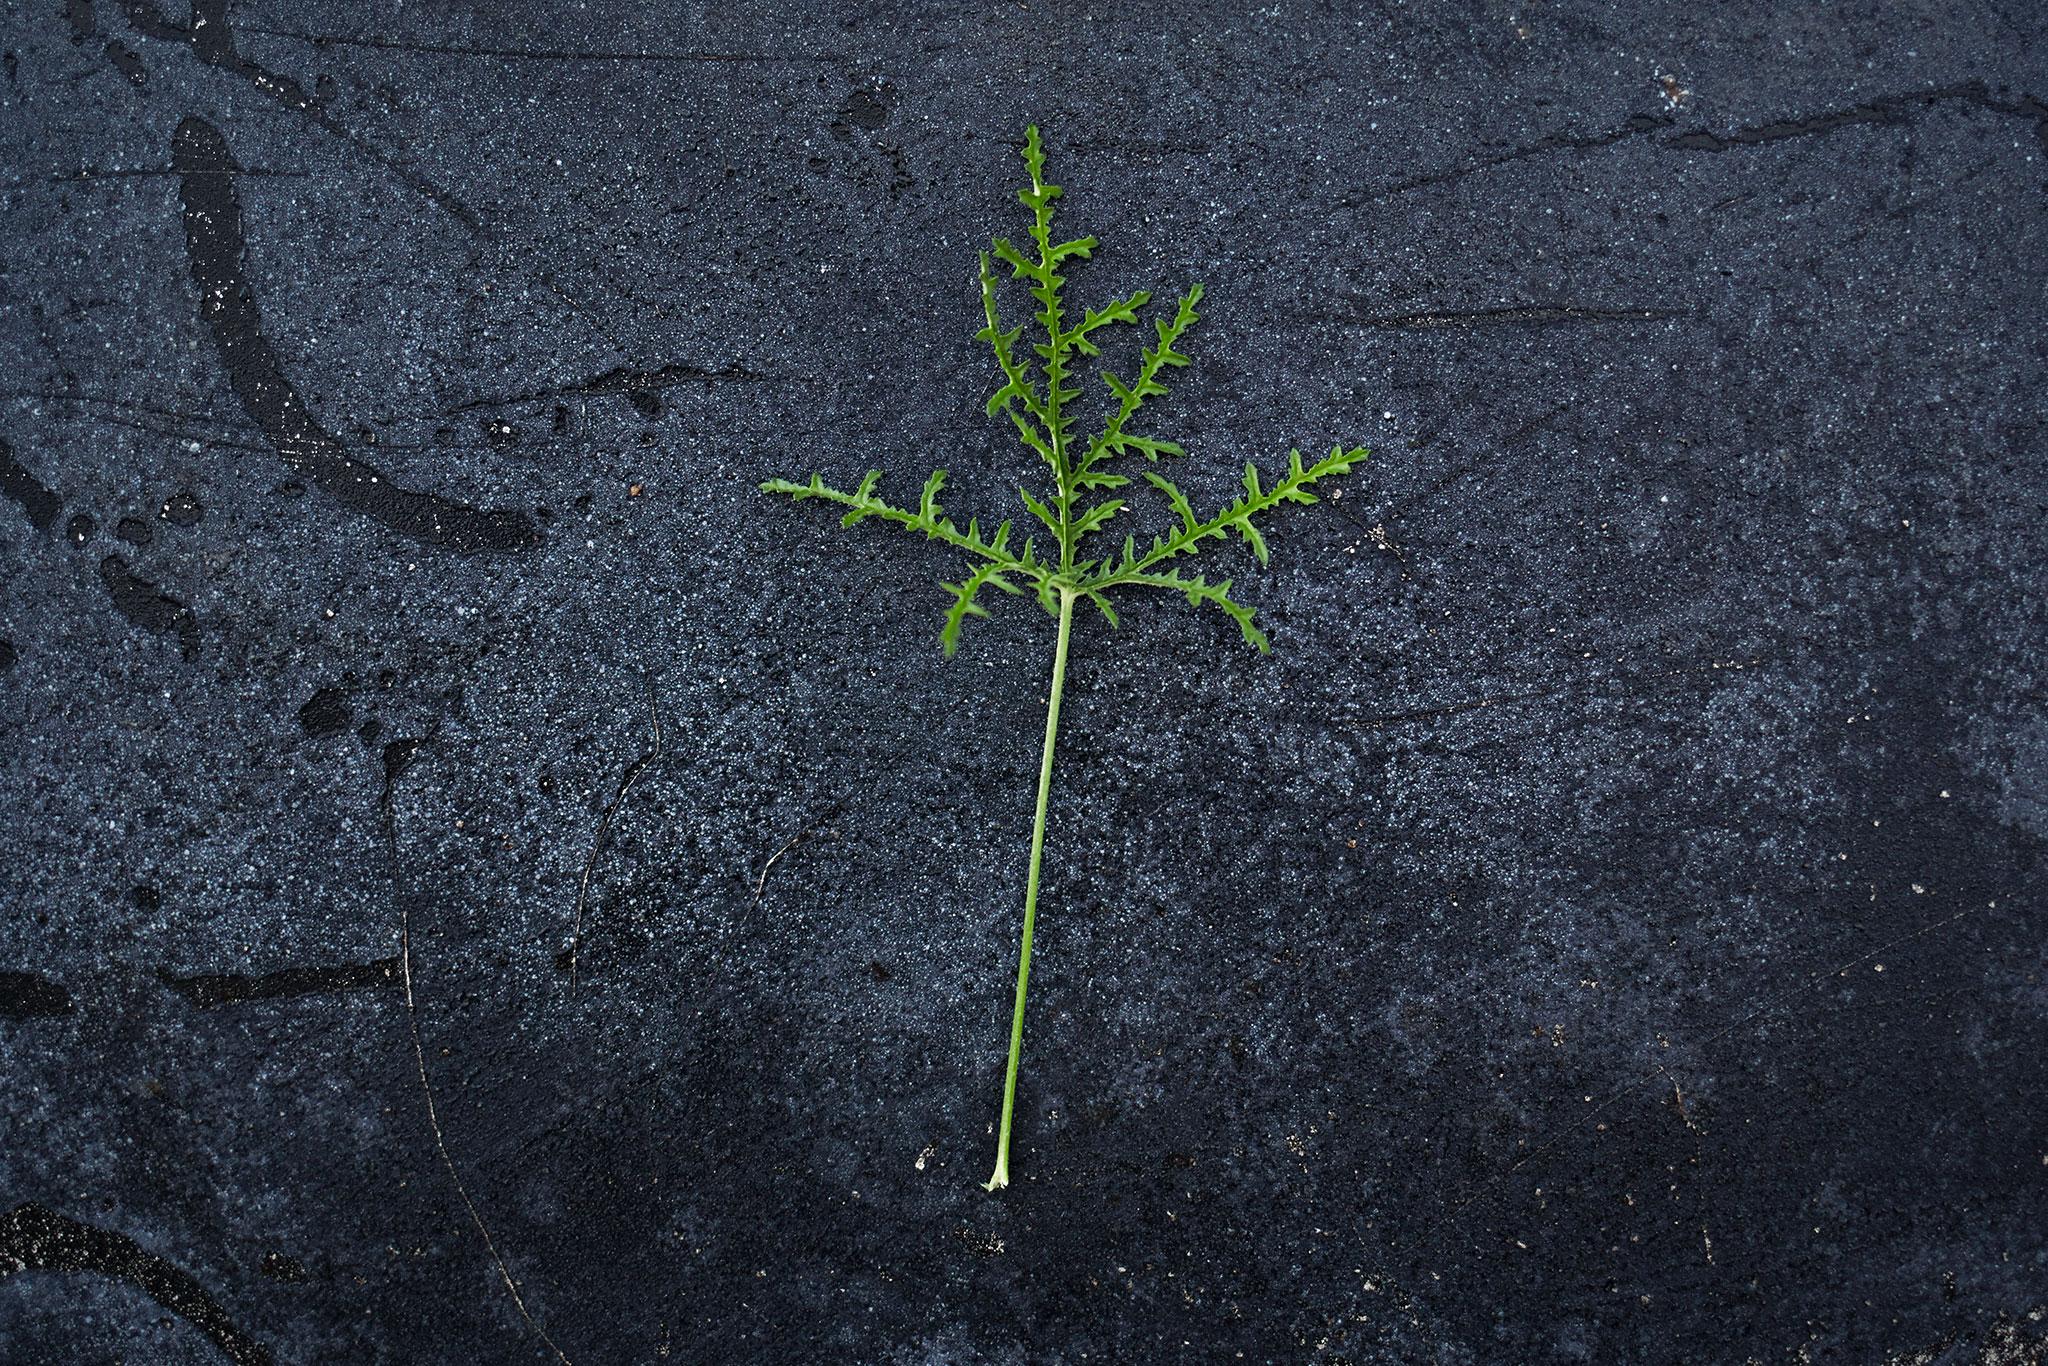 Pelargonium 'Fillicifolium' - (Doftpelargon-Gruppen)Doft av balsam. Vederkvickande förnimelse. Ljust rosa blom med ceriserosa ögon. Bladen är friskt gröna, ormbunkslika, djupt flikade med tandad kant. Buskigt växtsätt.